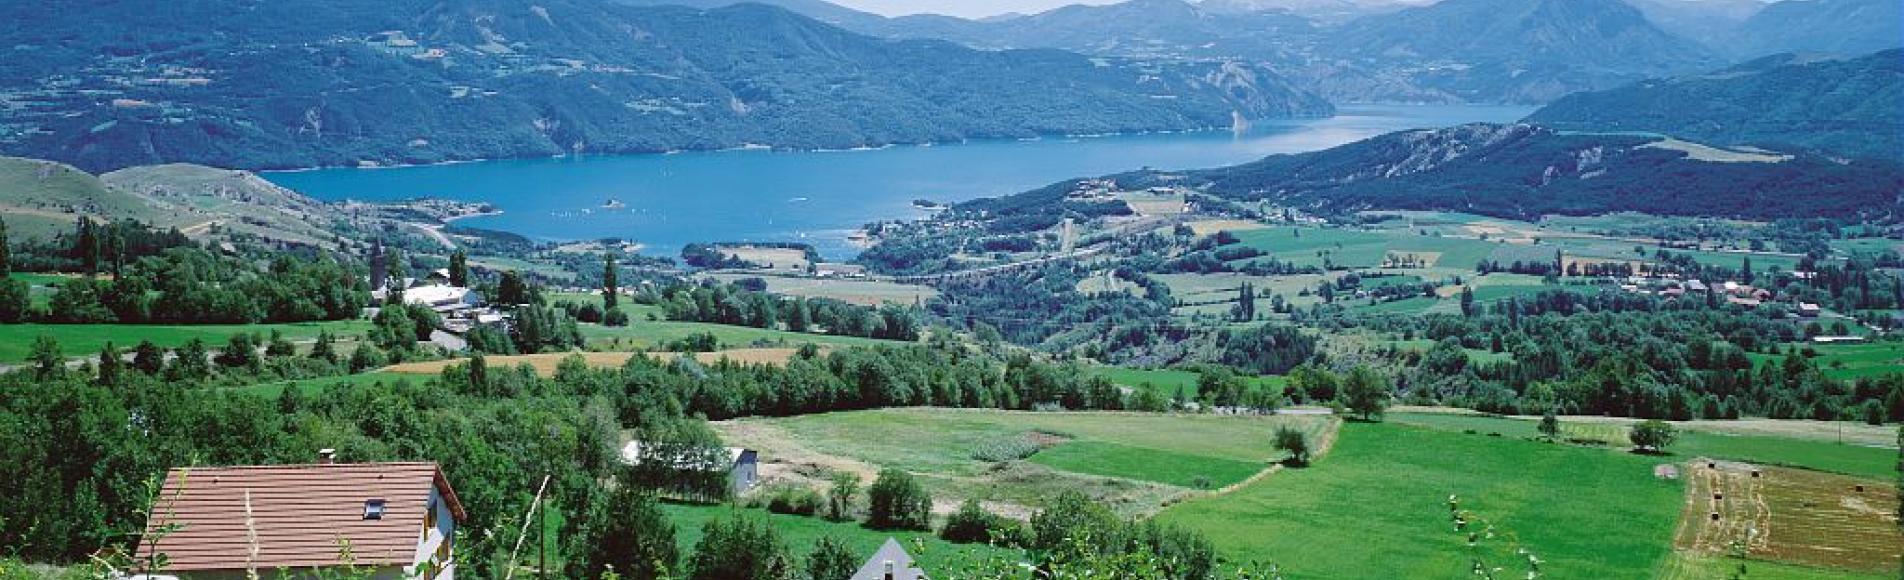 Le lac de Serre-Ponçon ©Stéphane D'houwt - Parc national des Ecrins